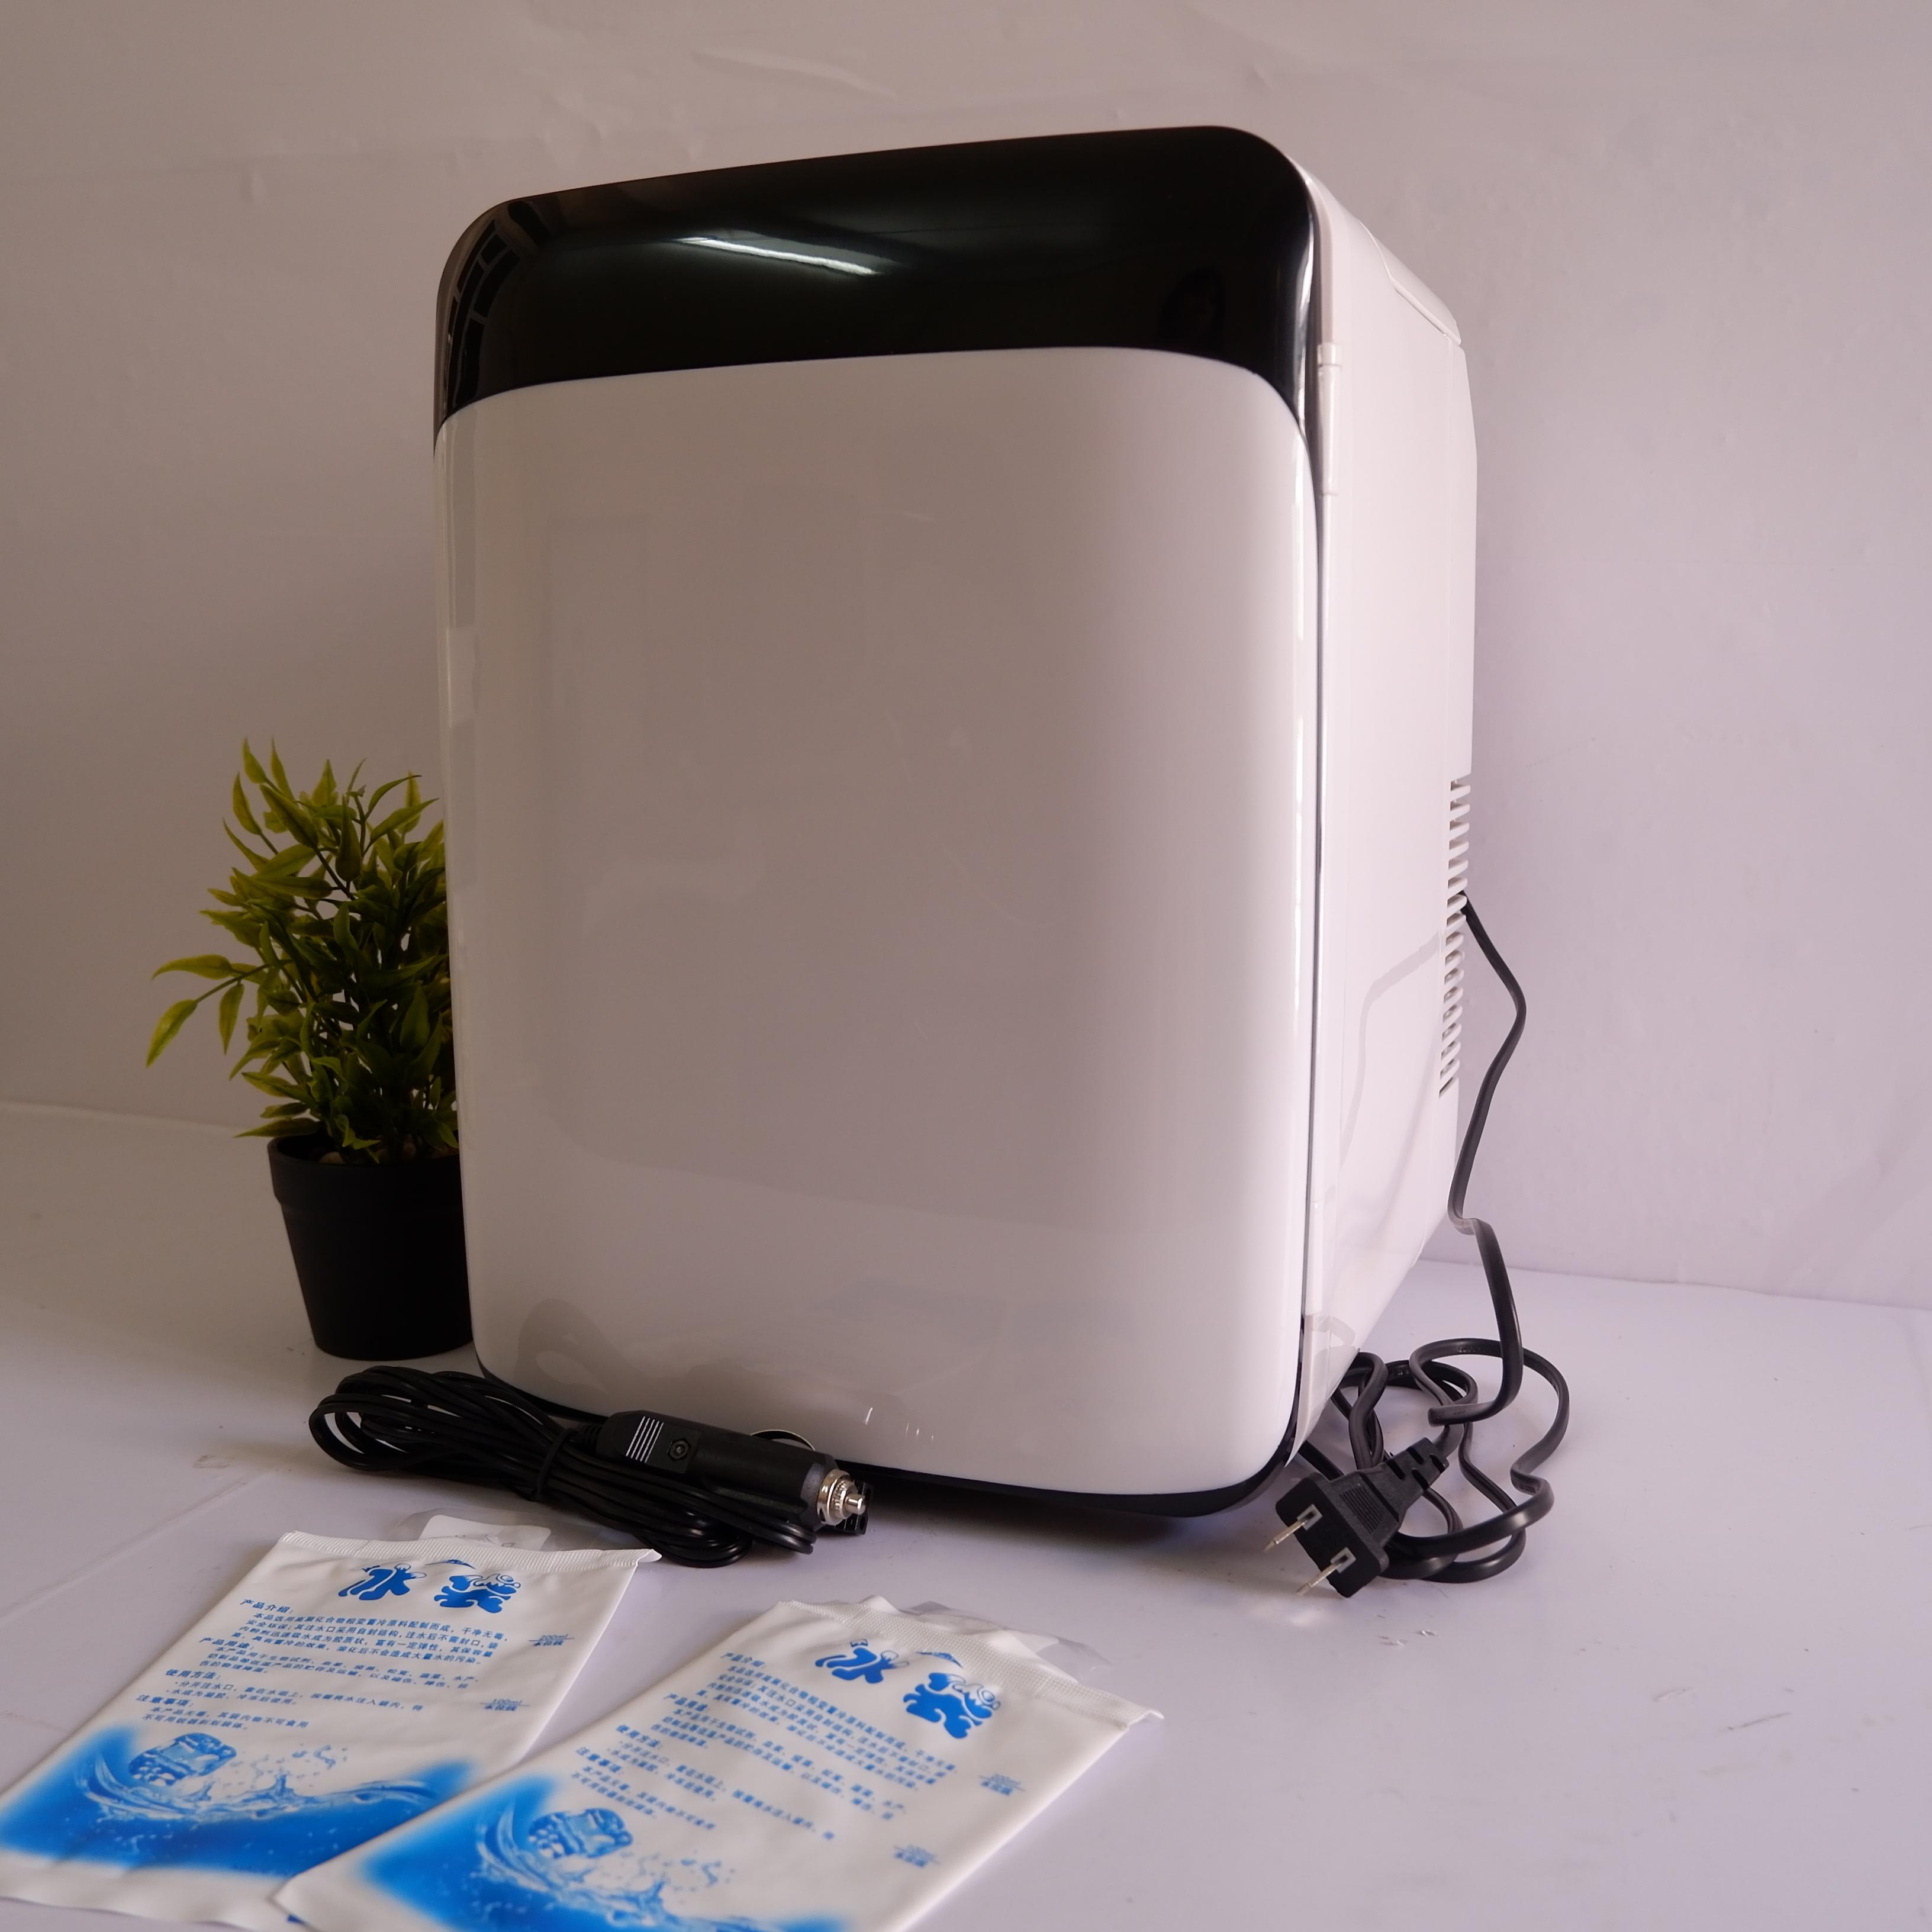 Tủ lạnh mini 2 chiều nóng lạnh dùng cho ô tô và gia đình 10L + Tặng kèm găng tay vệ sinh tủ lạnh